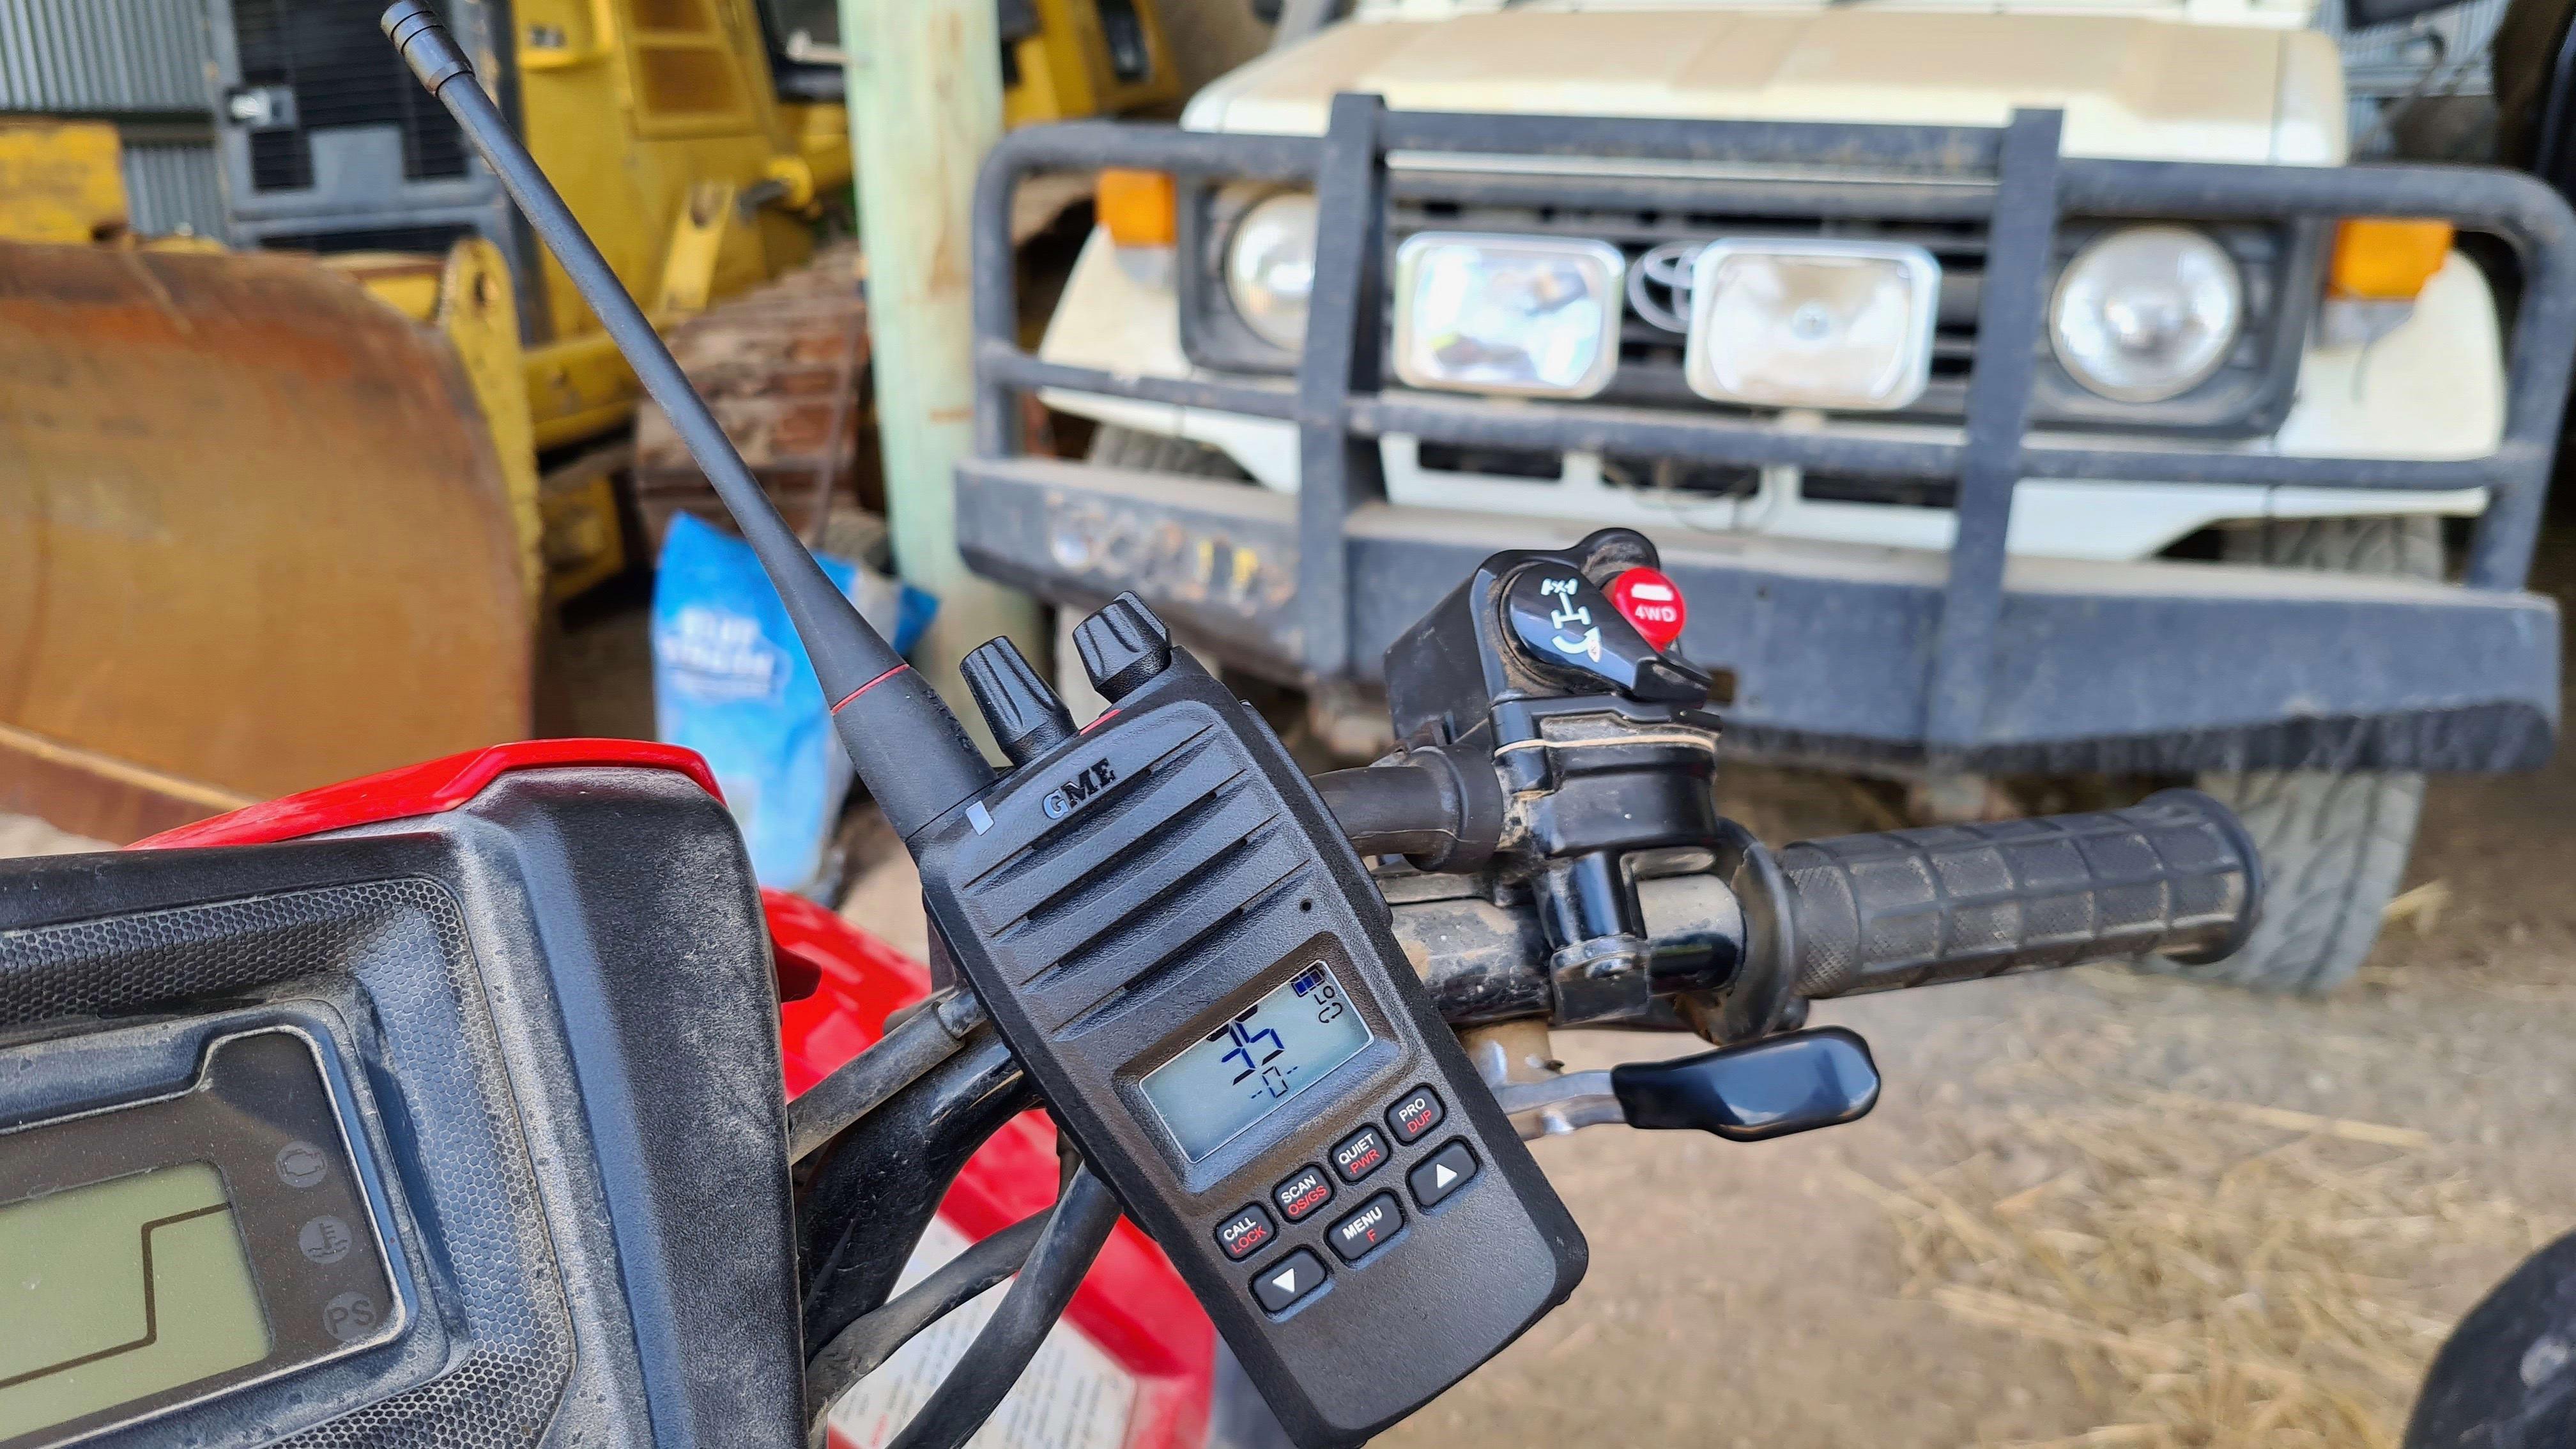 GME 5W handheld UHF radio